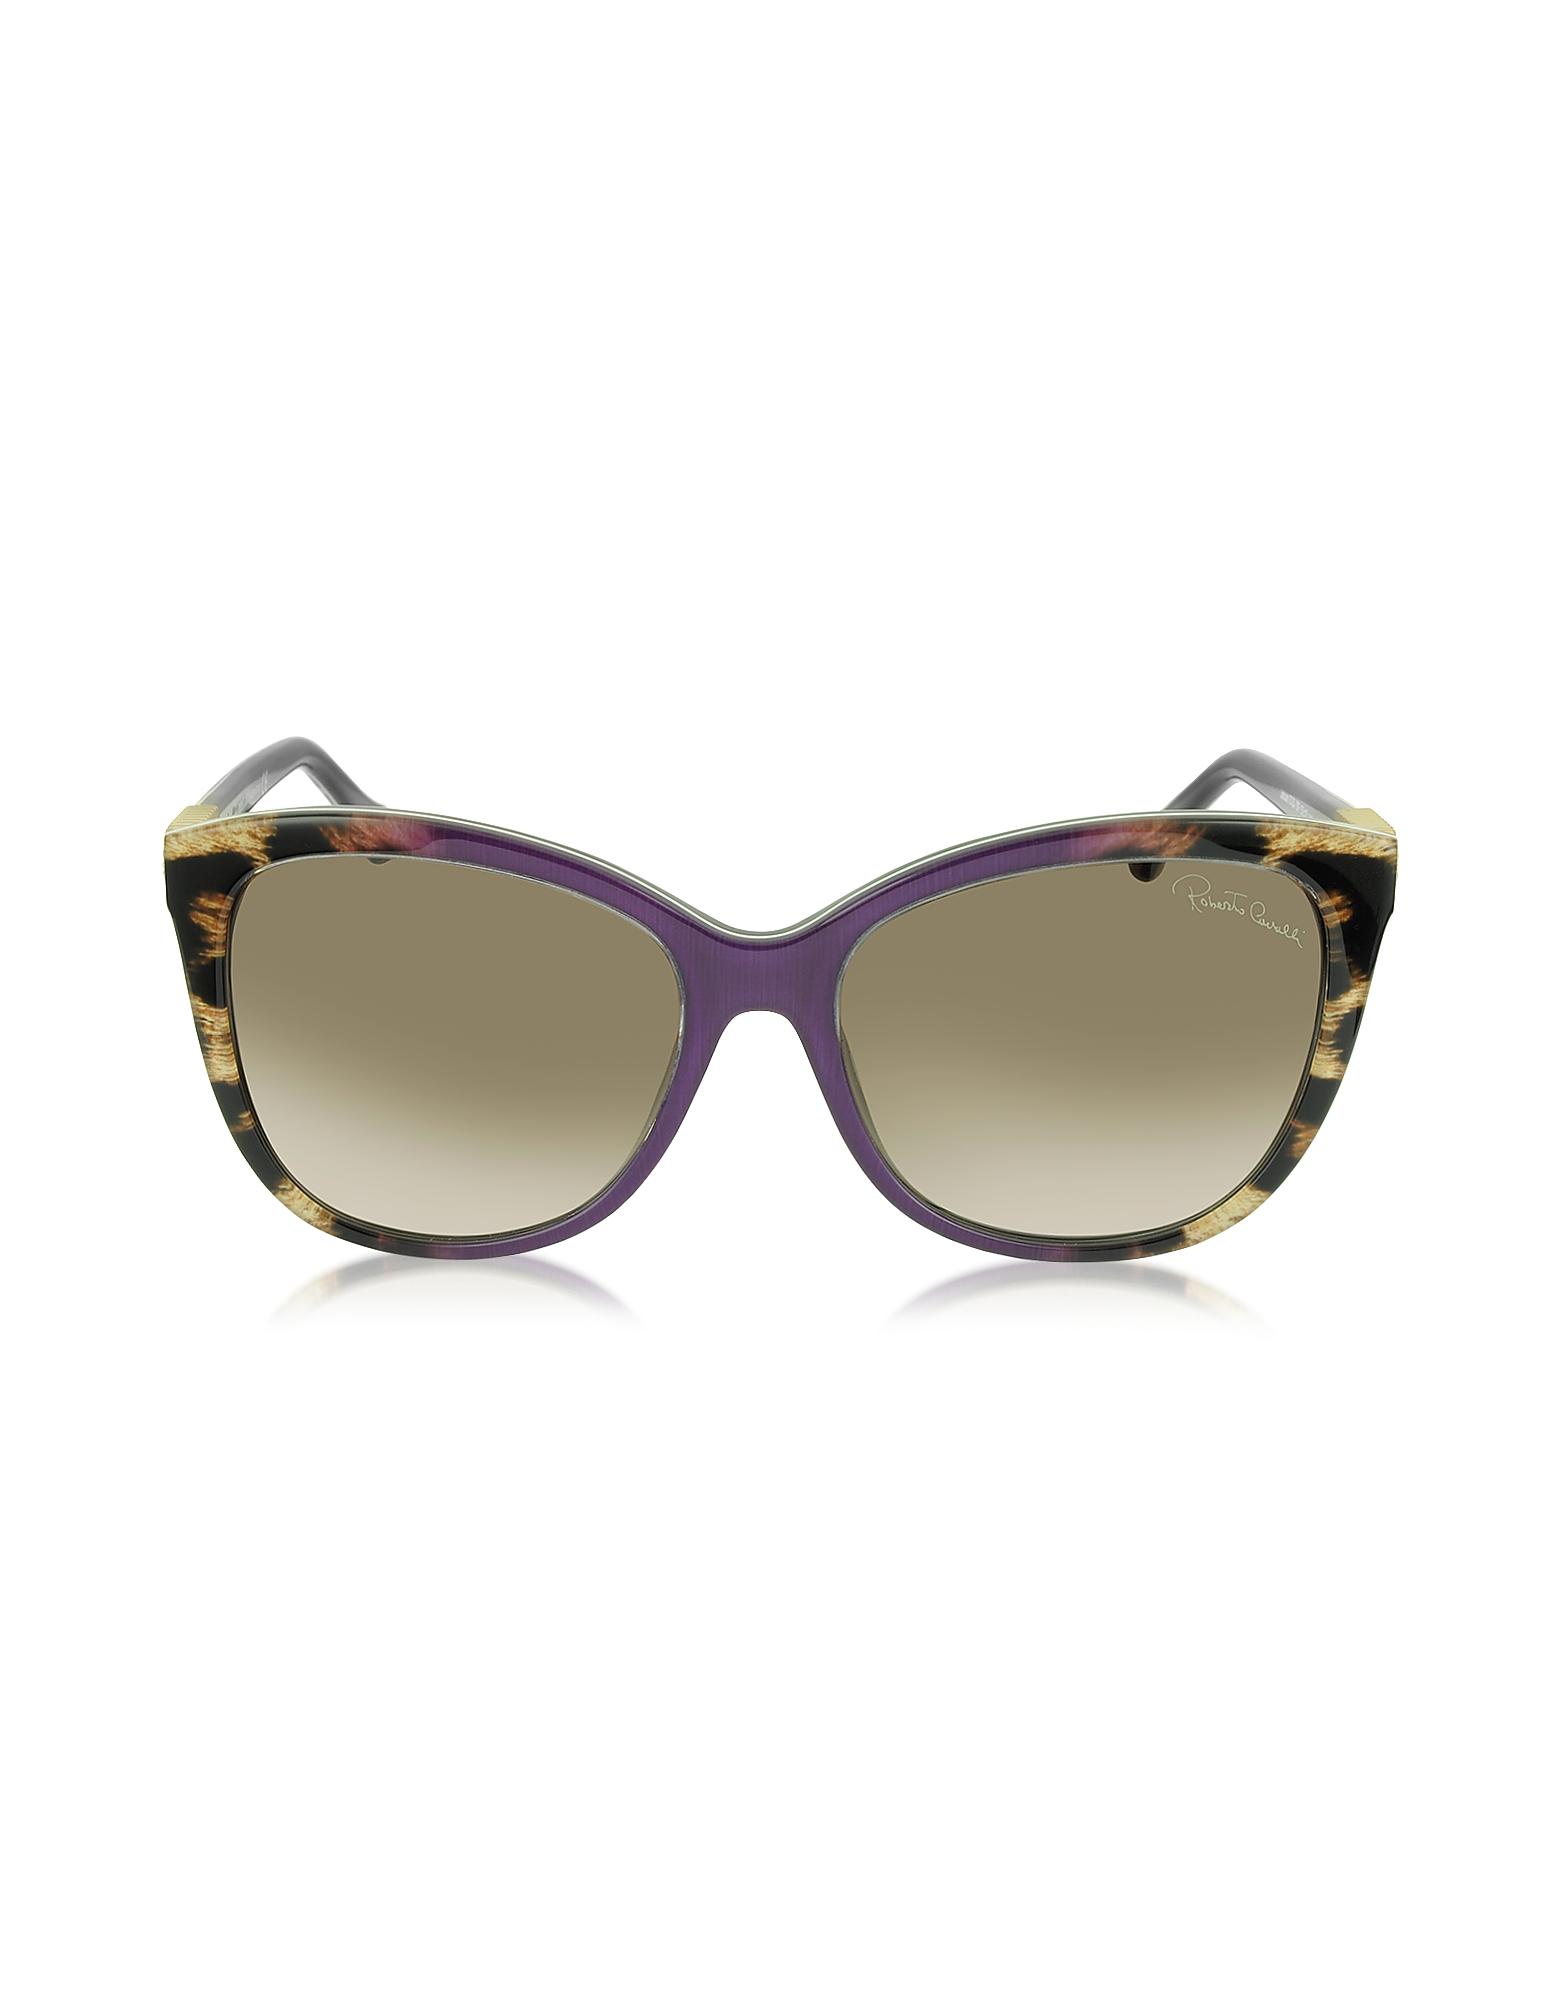 Фото Jabbah 872S - Женские Солнечные Очки в Ацетатной Оправе Кошачий Глаз с Леопардовым Принтом. Купить с доставкой